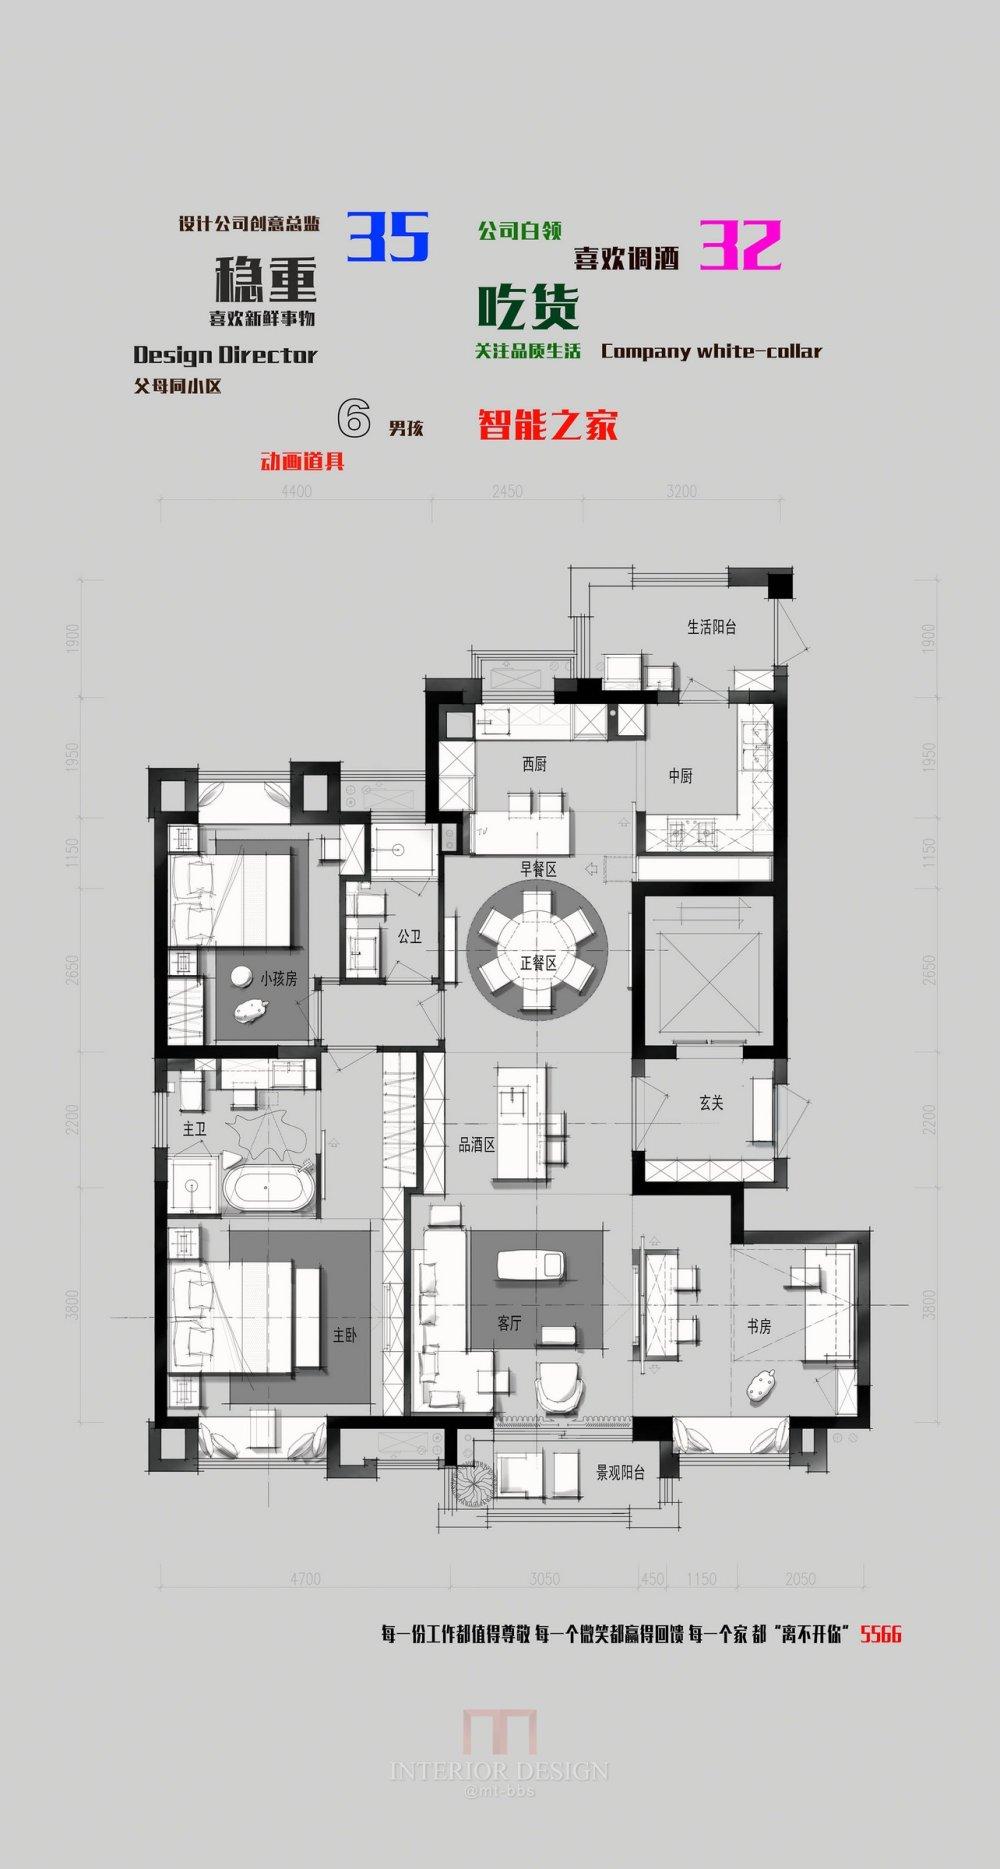 【住宅平面优化群】绿地第2季比赛群内交流28强_28.5566.jpg